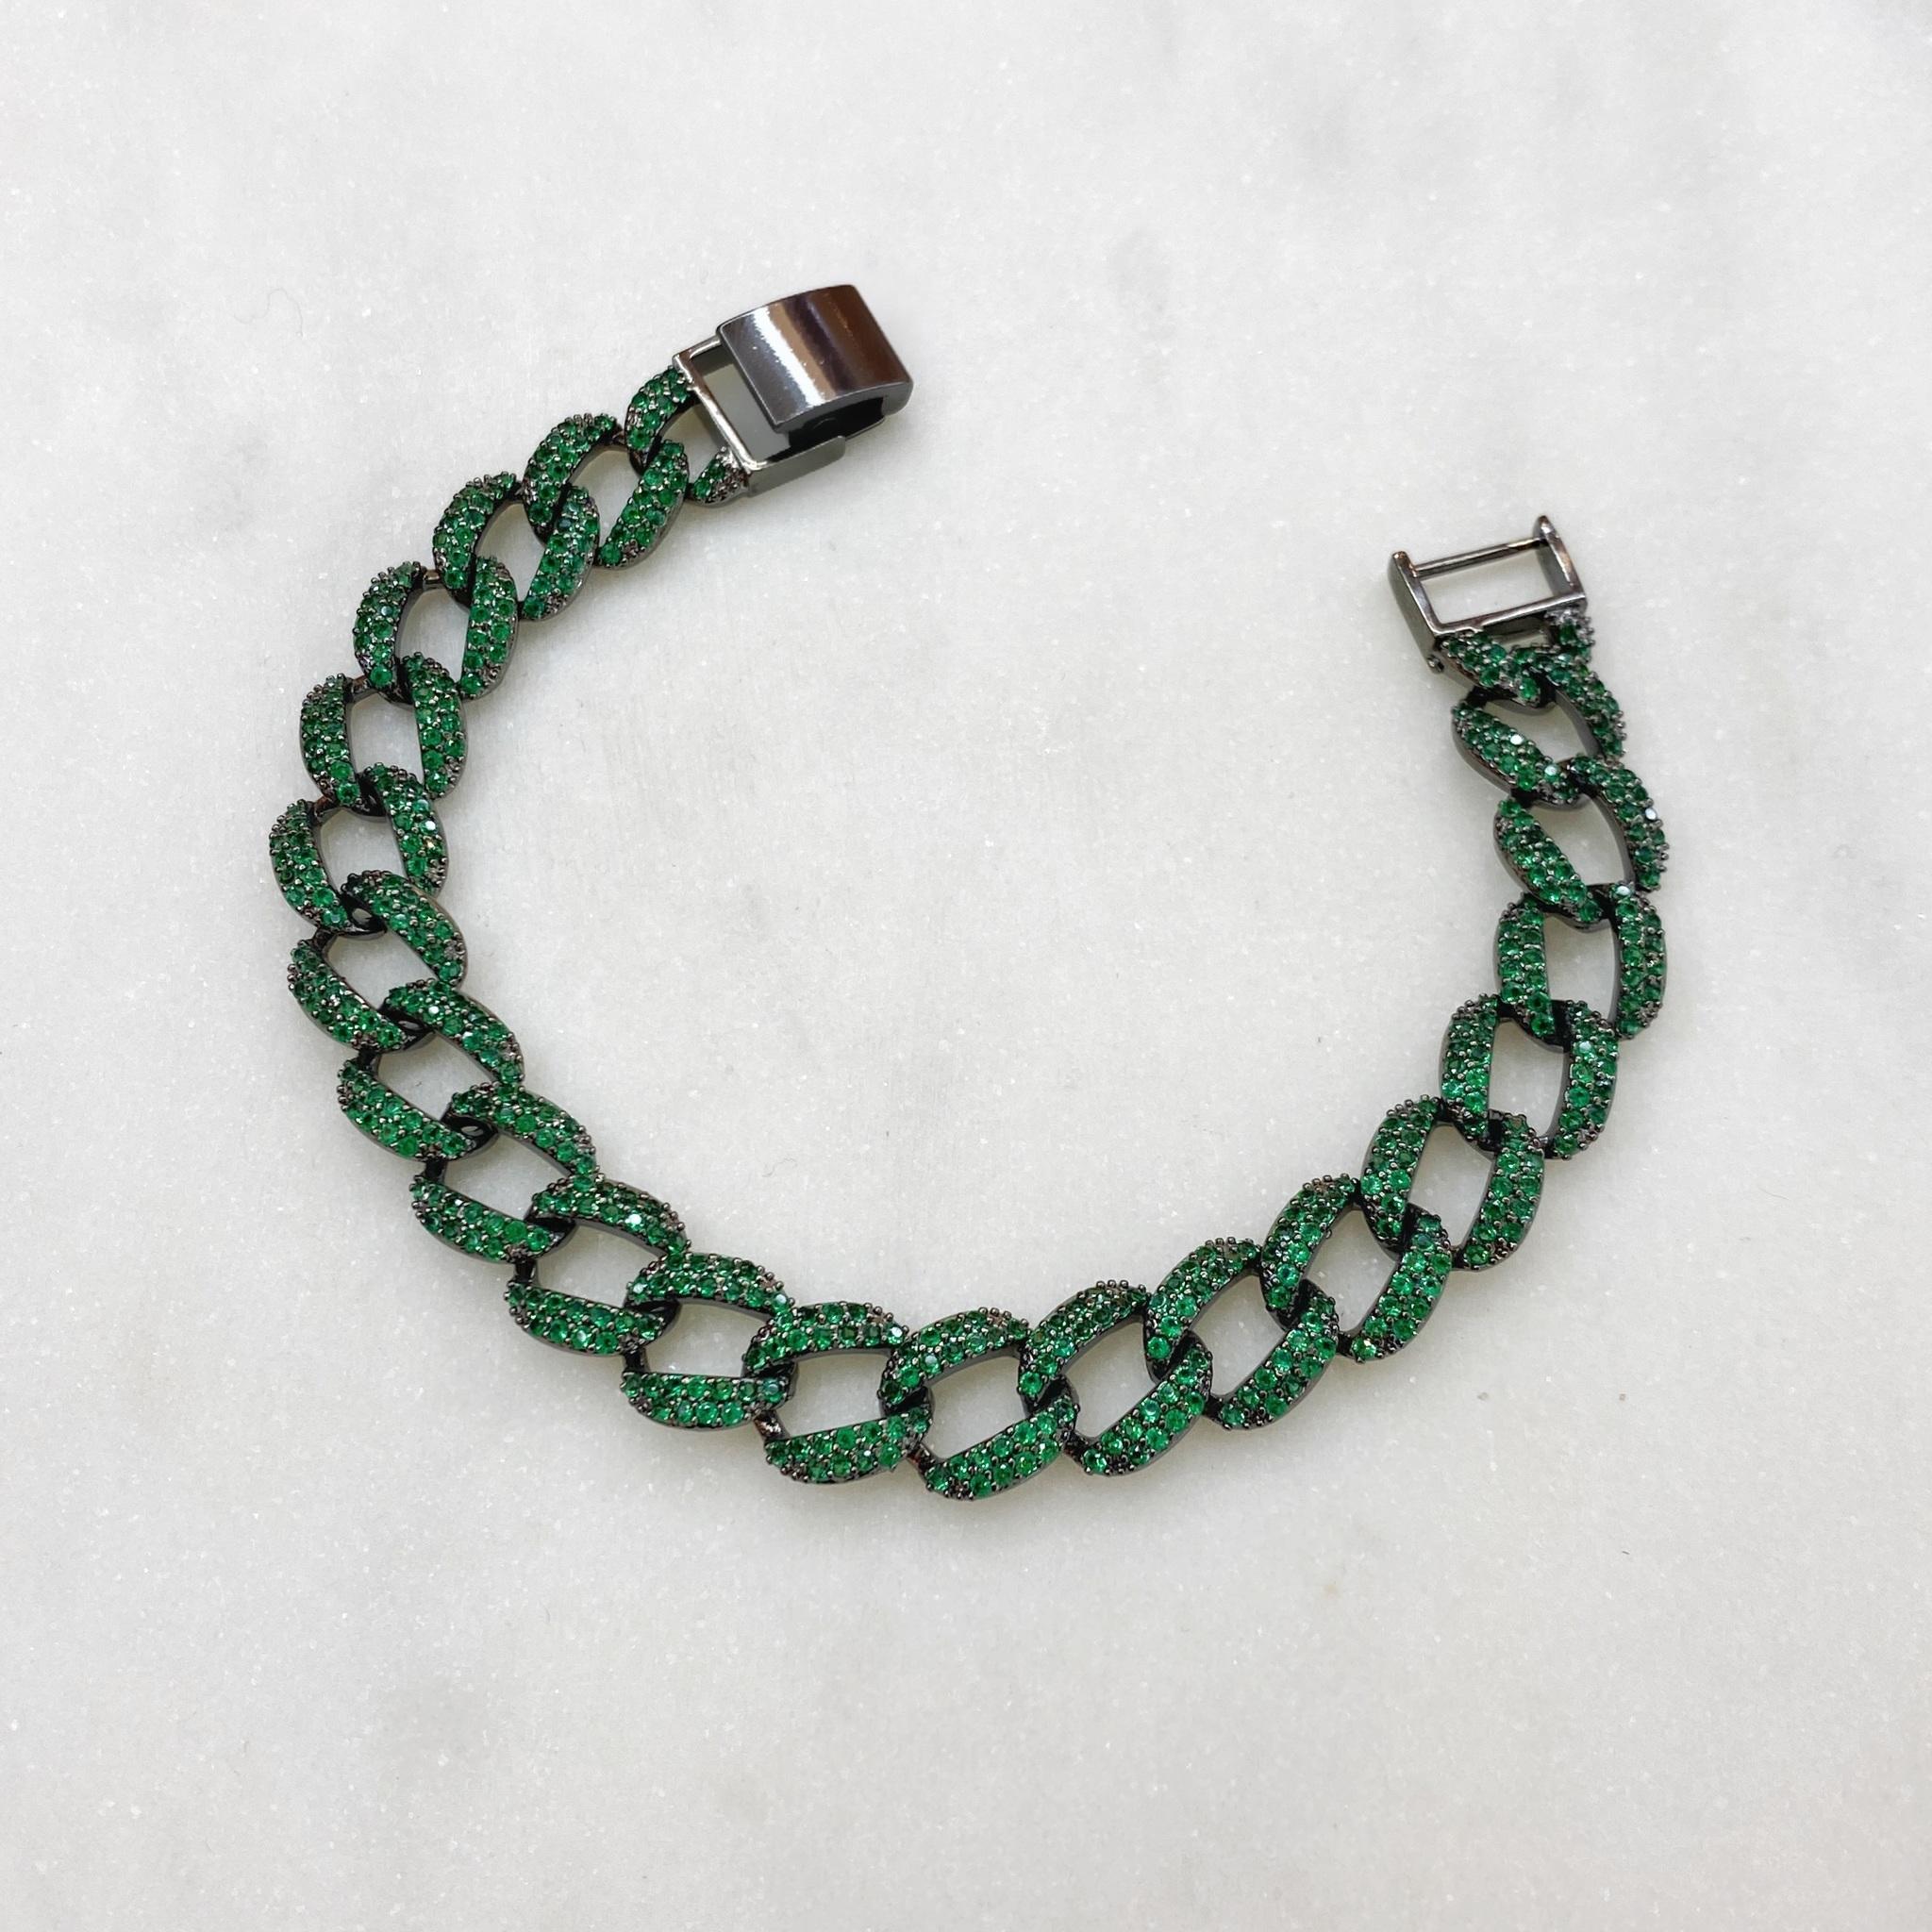 Браслет-цепь с цирконами (зеленый/черный)